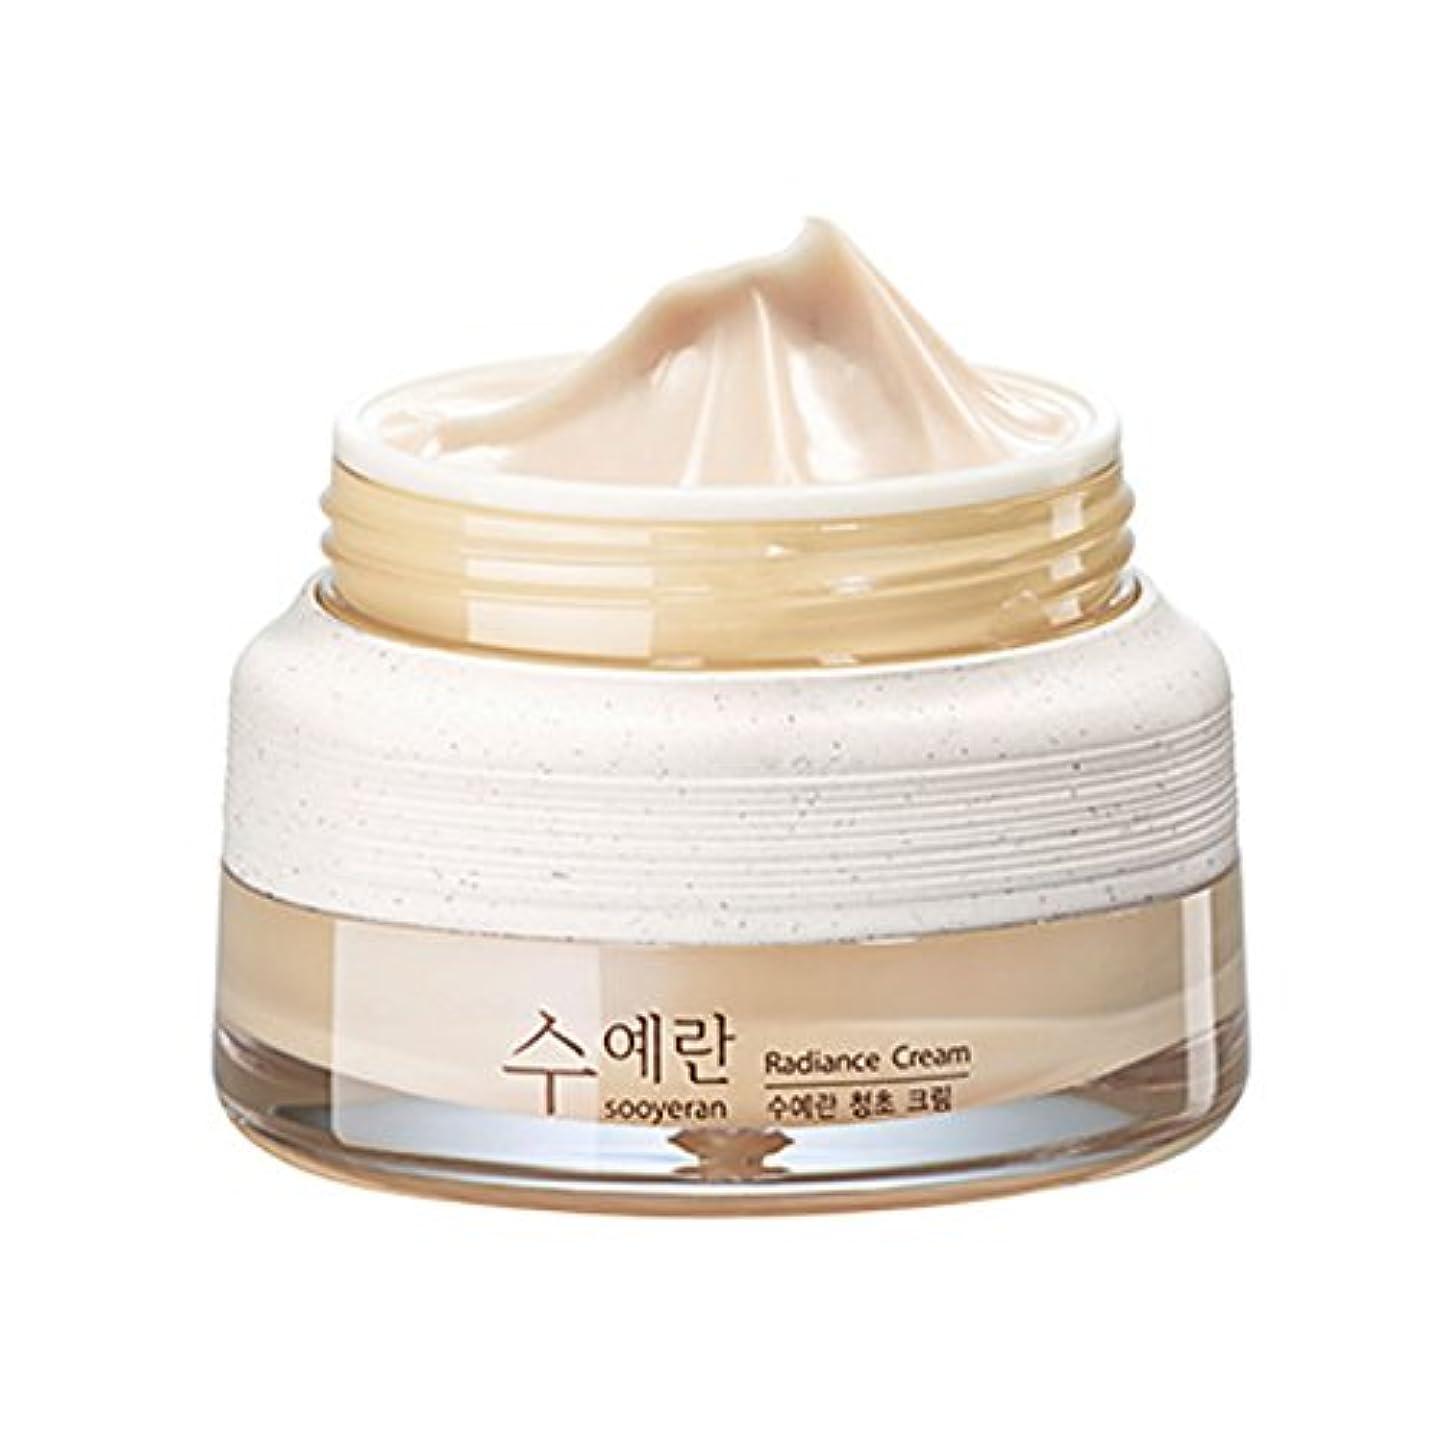 自動インカ帝国輝度[ザセム] The Saem スイエラン 清楚 クリーム Sooyeran Radiance Cream (海外直送品) [並行輸入品]